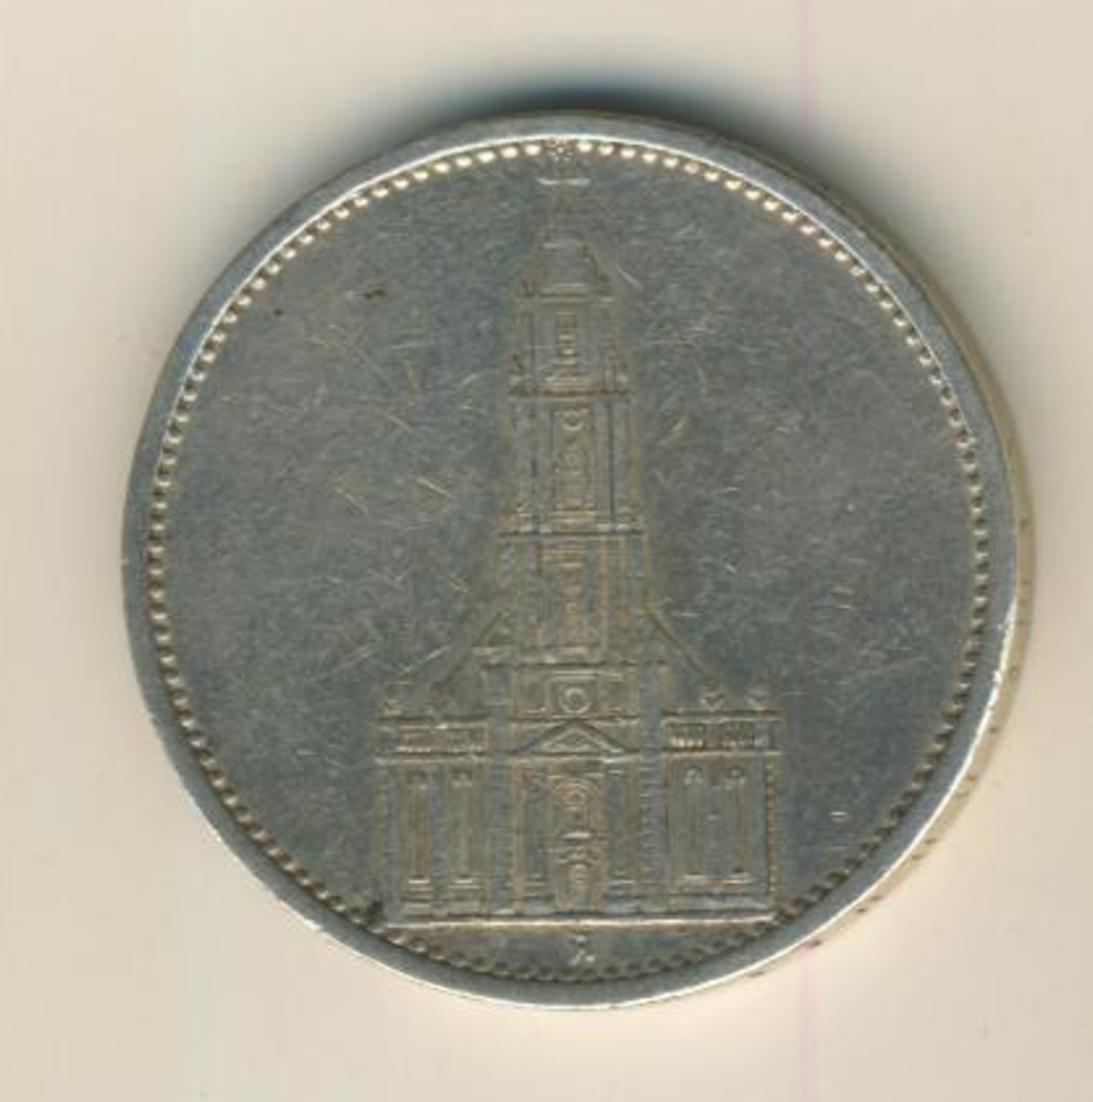 5 Reichsmark 1935,A, Garnisonskirche ,Silber 900/1000  (30) 1